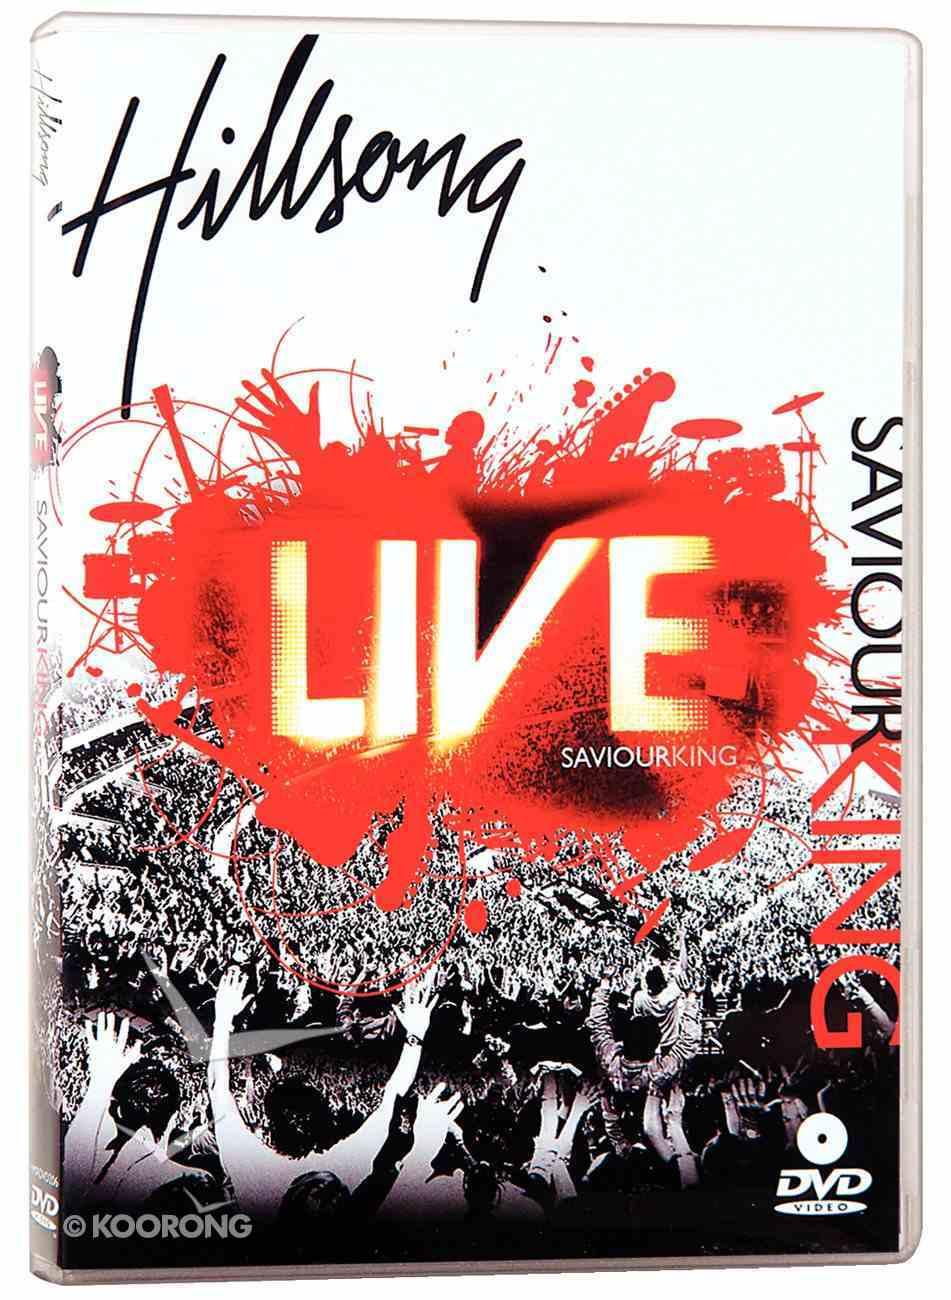 2007 Saviour King DVD